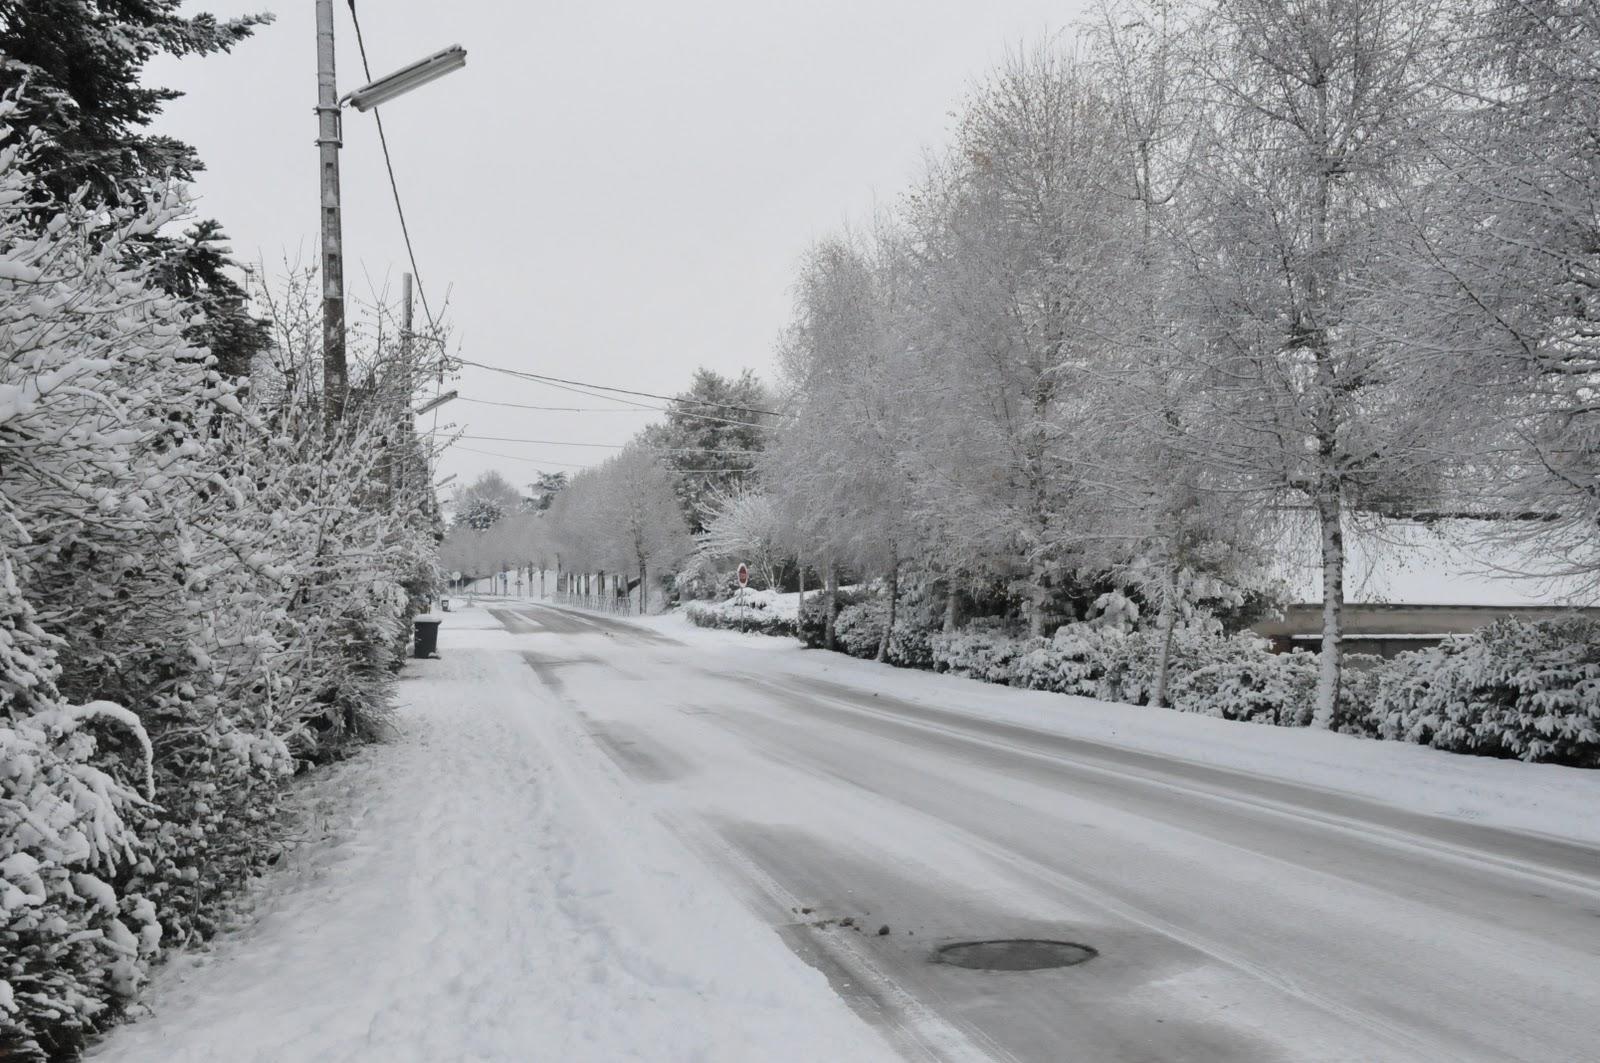 La marcophilie navale c 39 est l 39 hiver qui frappe notre porte - C est l hiver qui frappe a notre porte ...